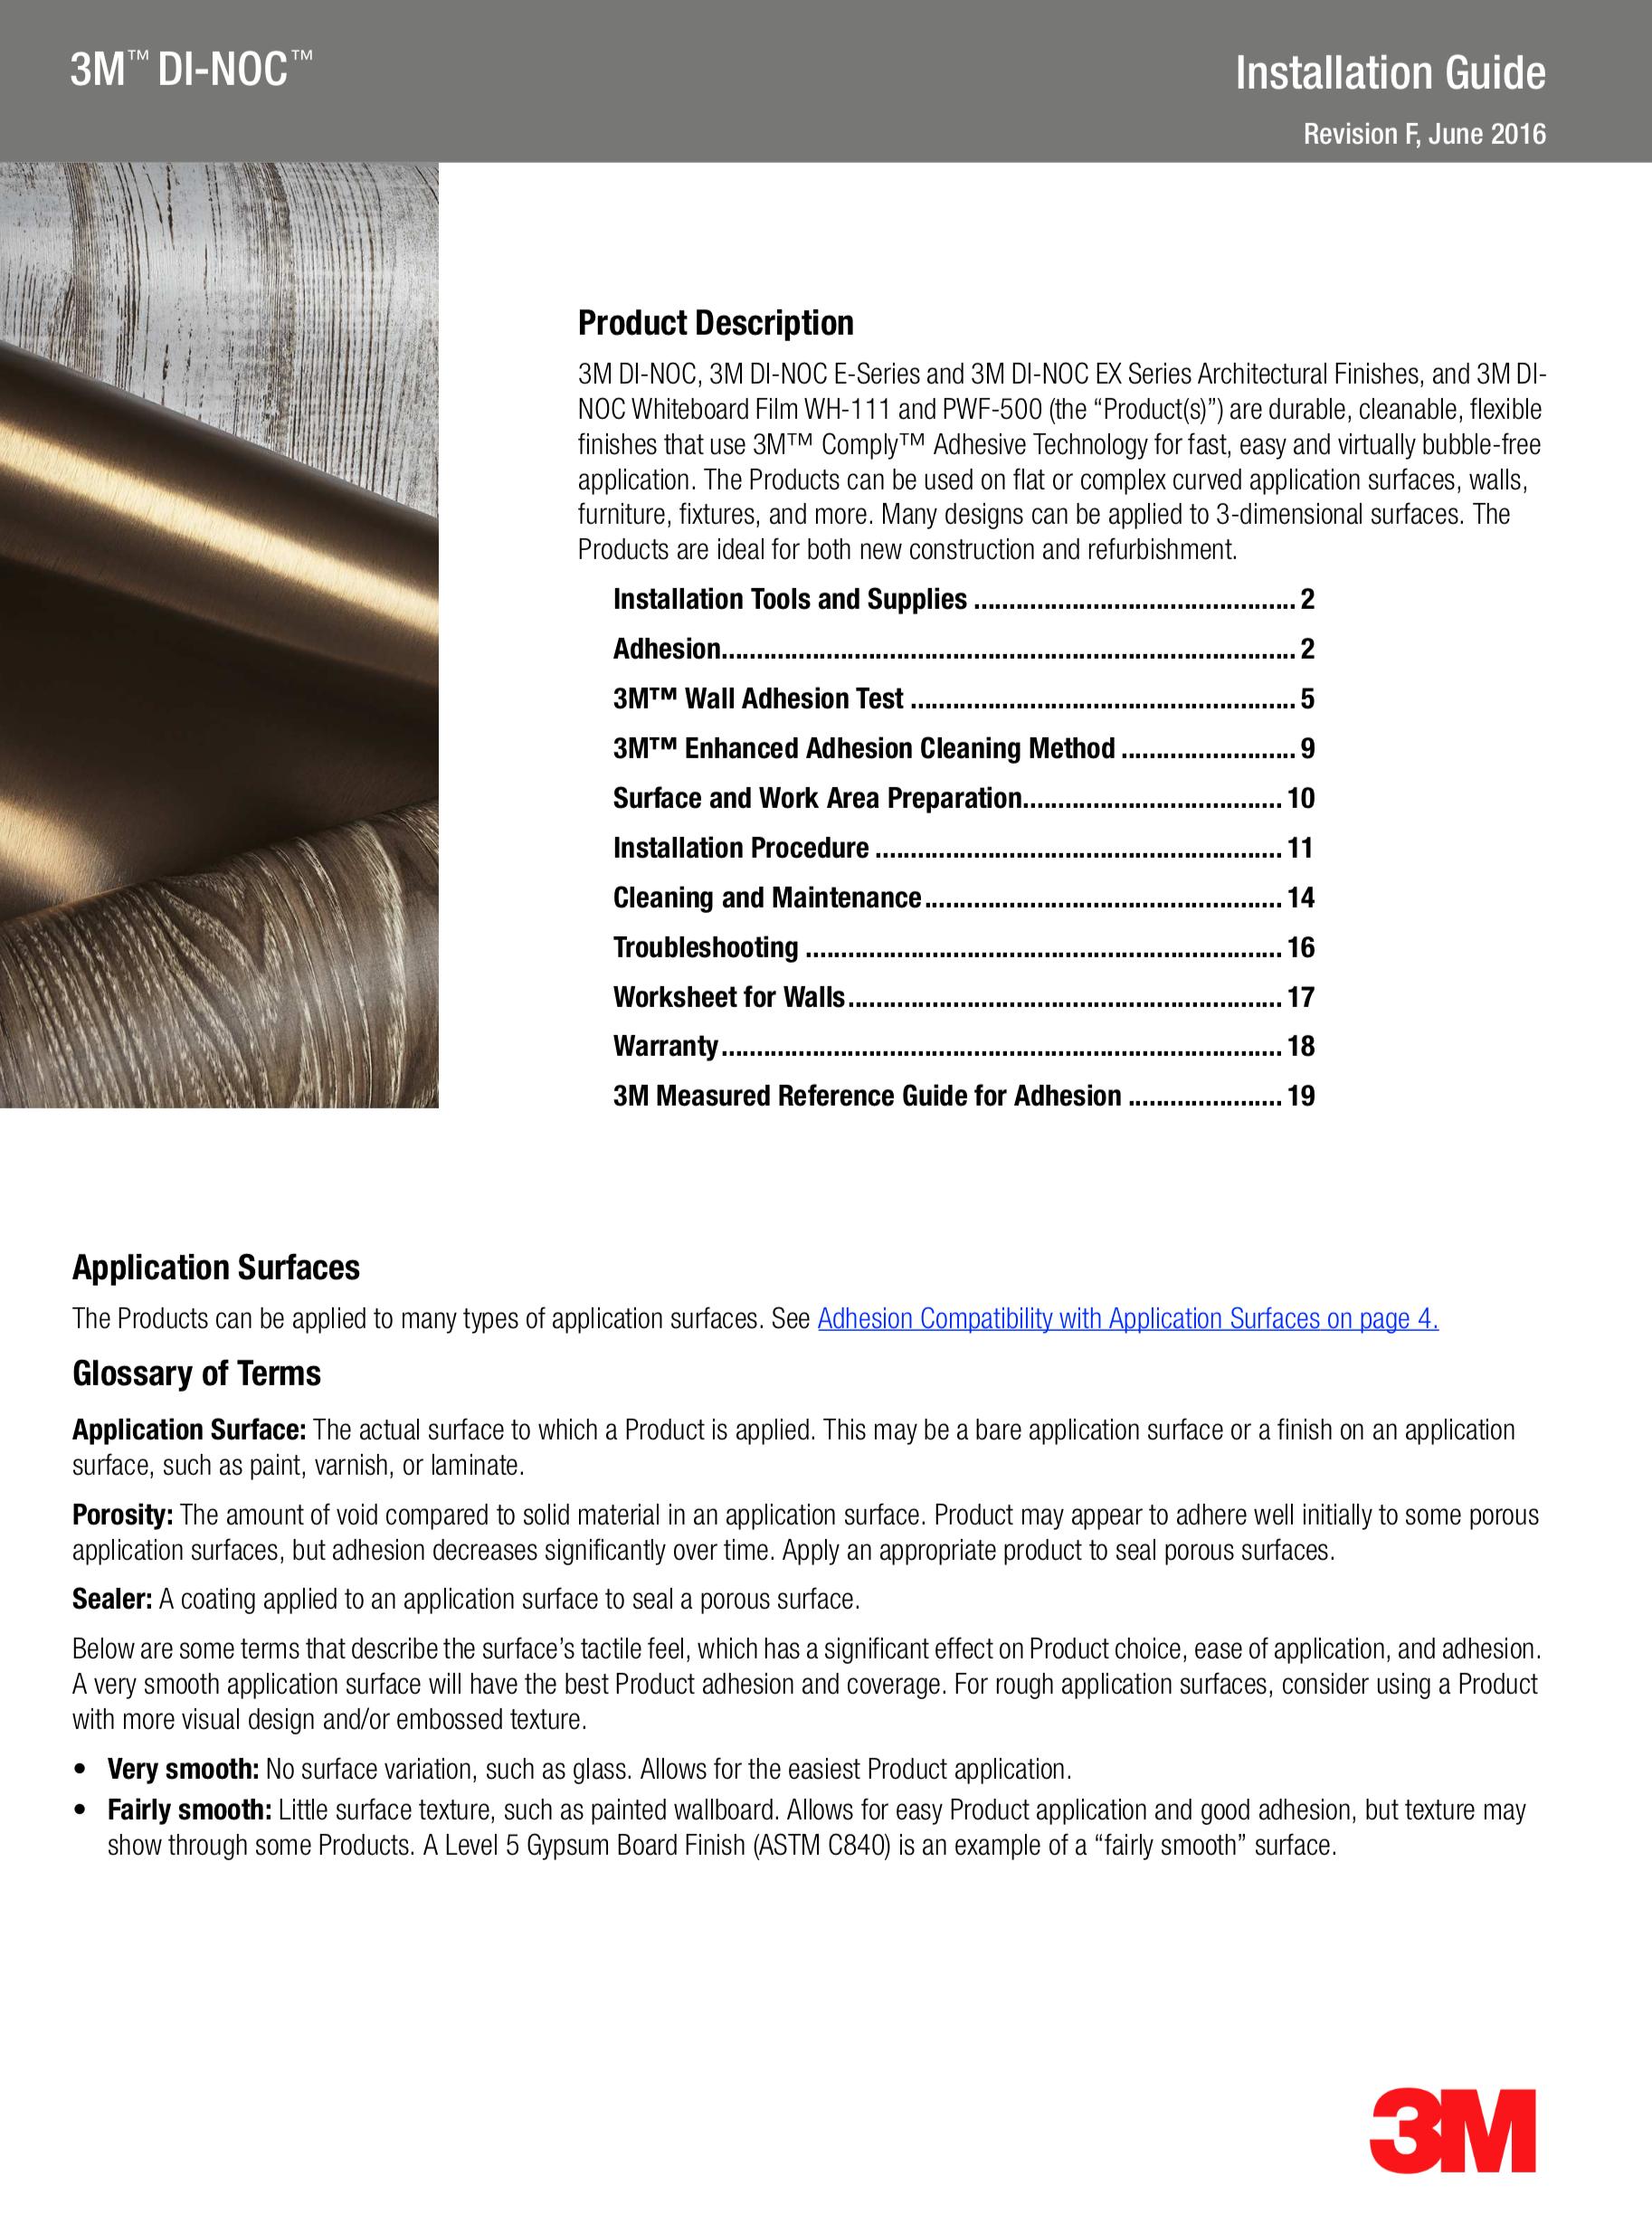 DI-NOC Install Guide Rev F